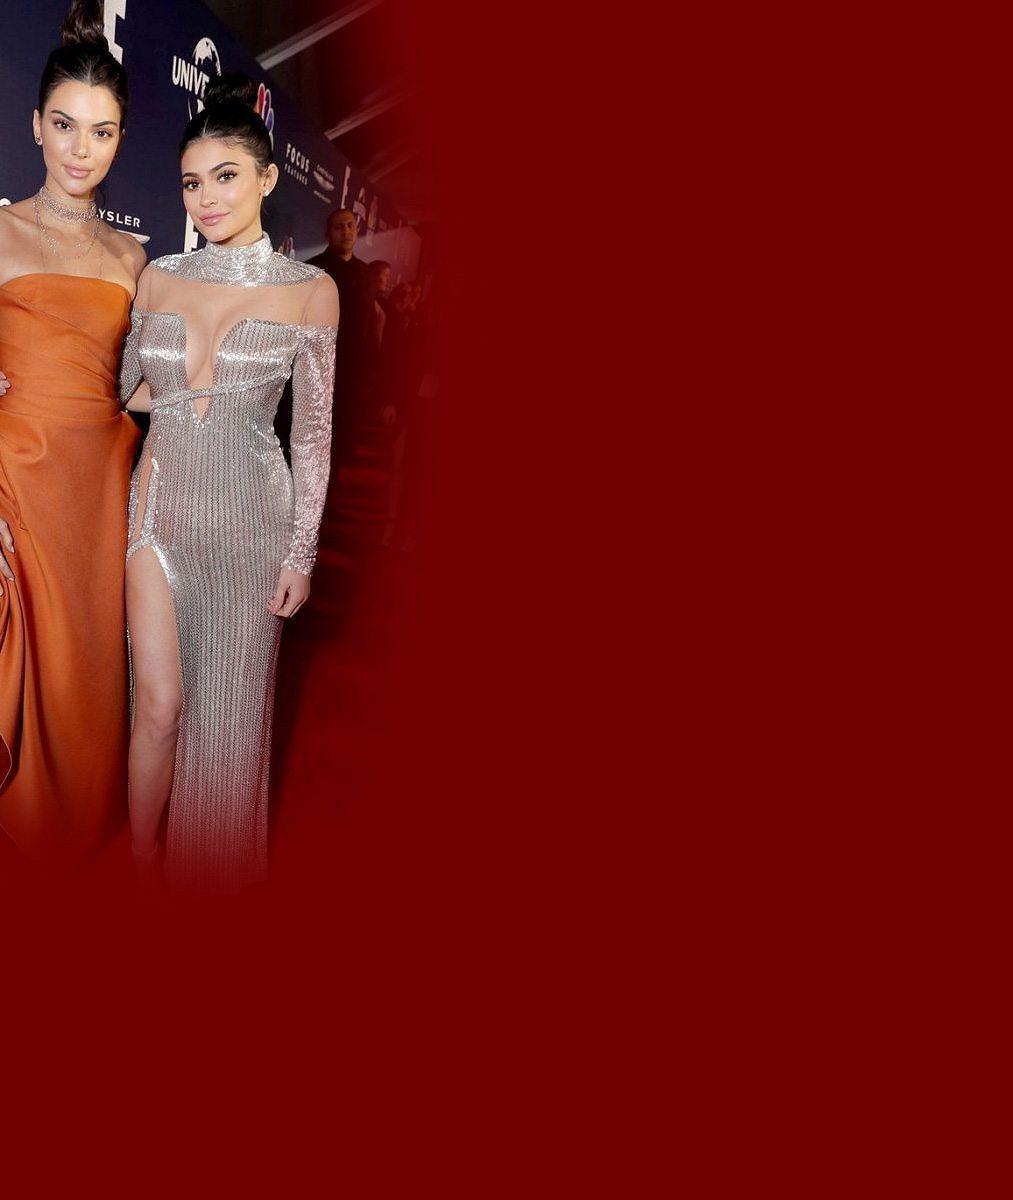 Nejslavnější sestry v akci: Mladší Kylie odhalila dekolt a strčila Kendall do kapsy. Neschovávala ani velkou jizvu